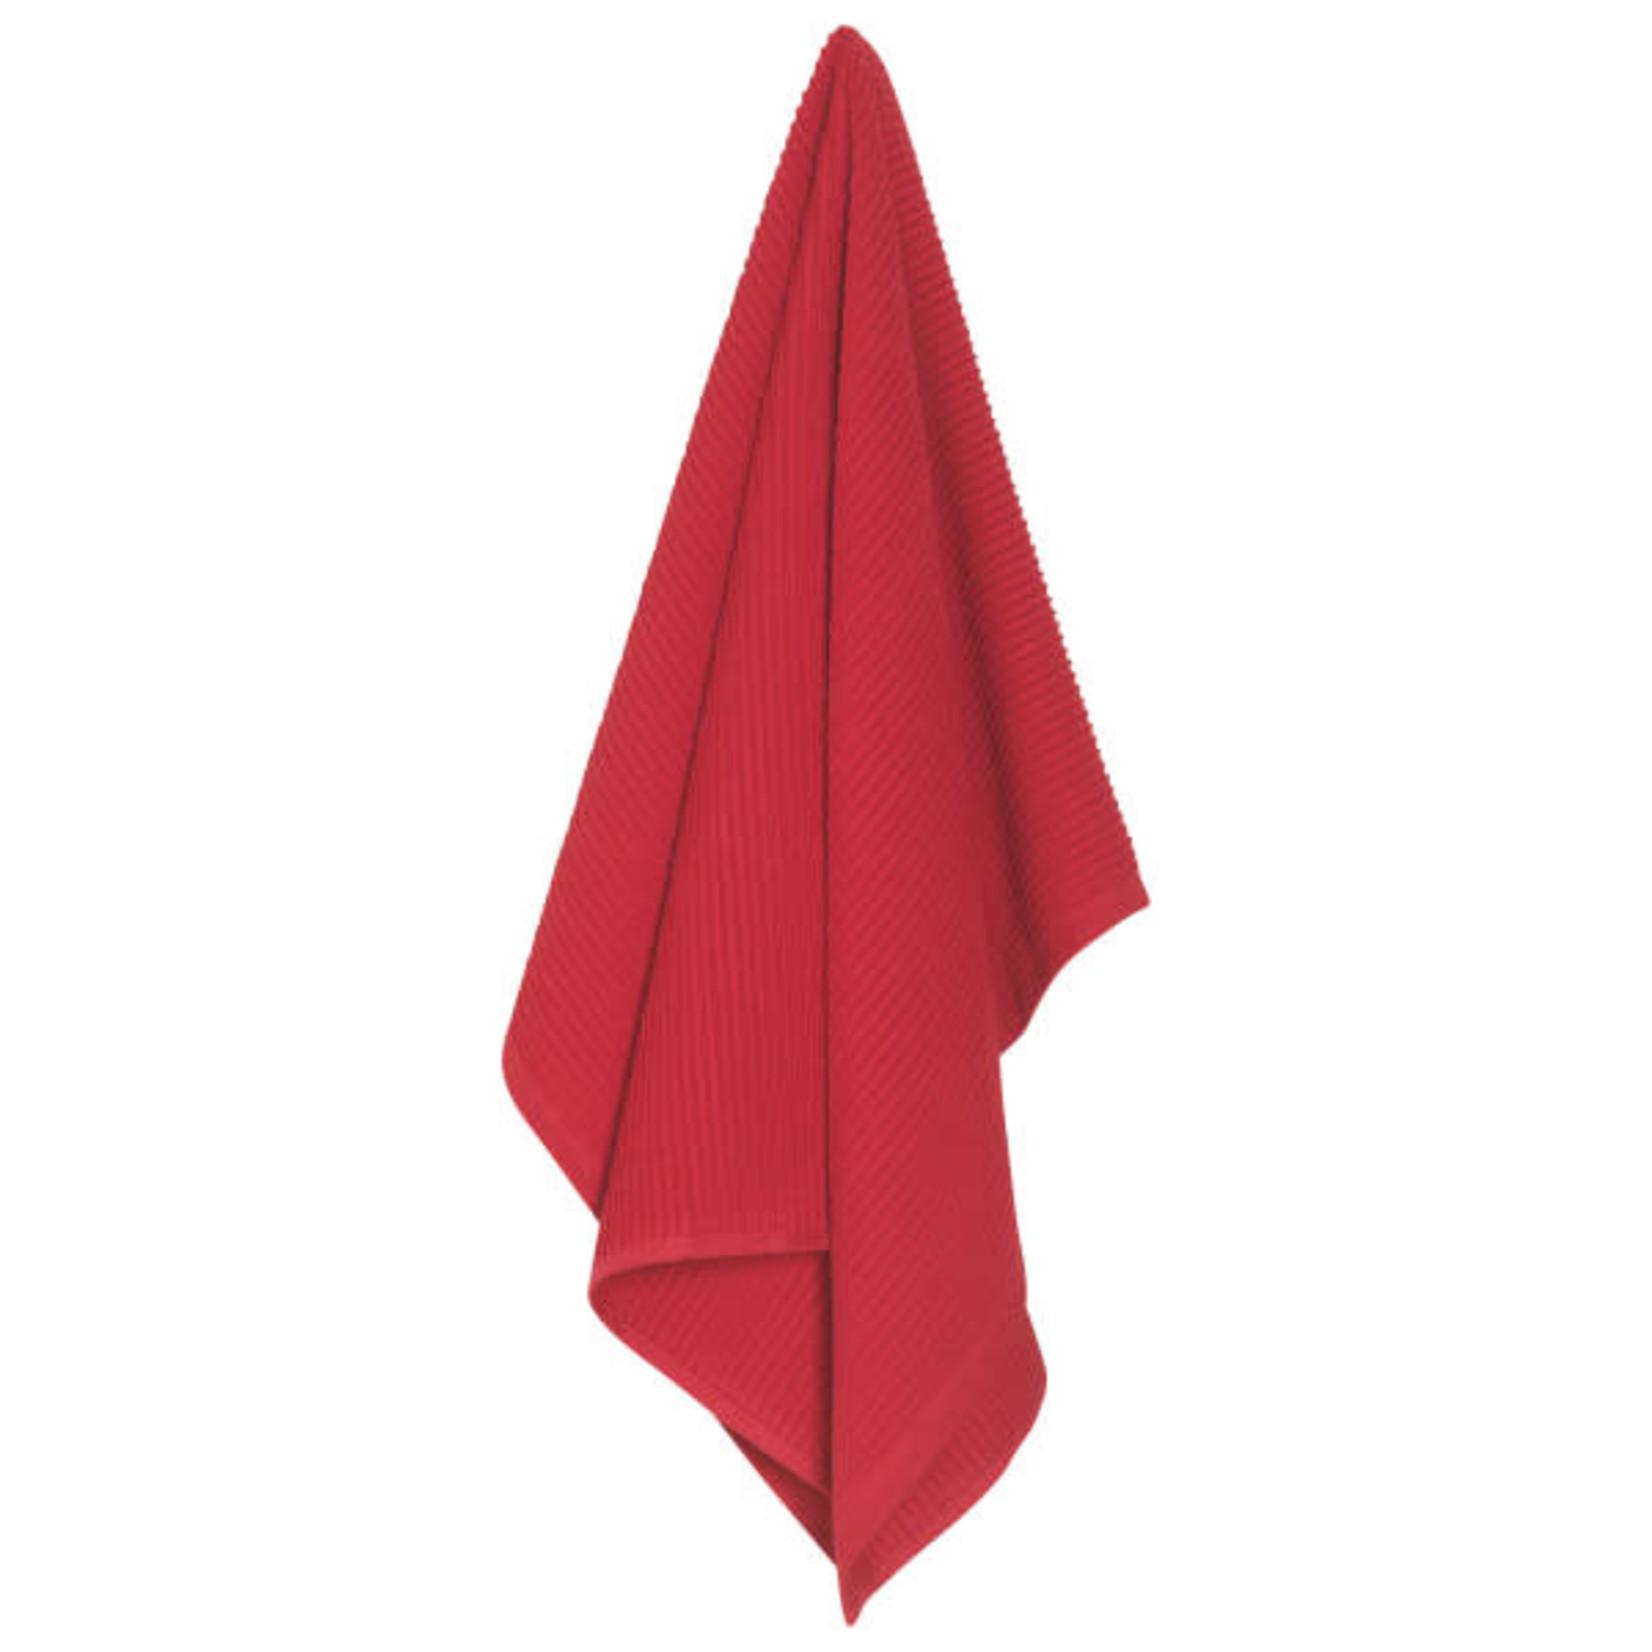 Ripple Red Tea Towel